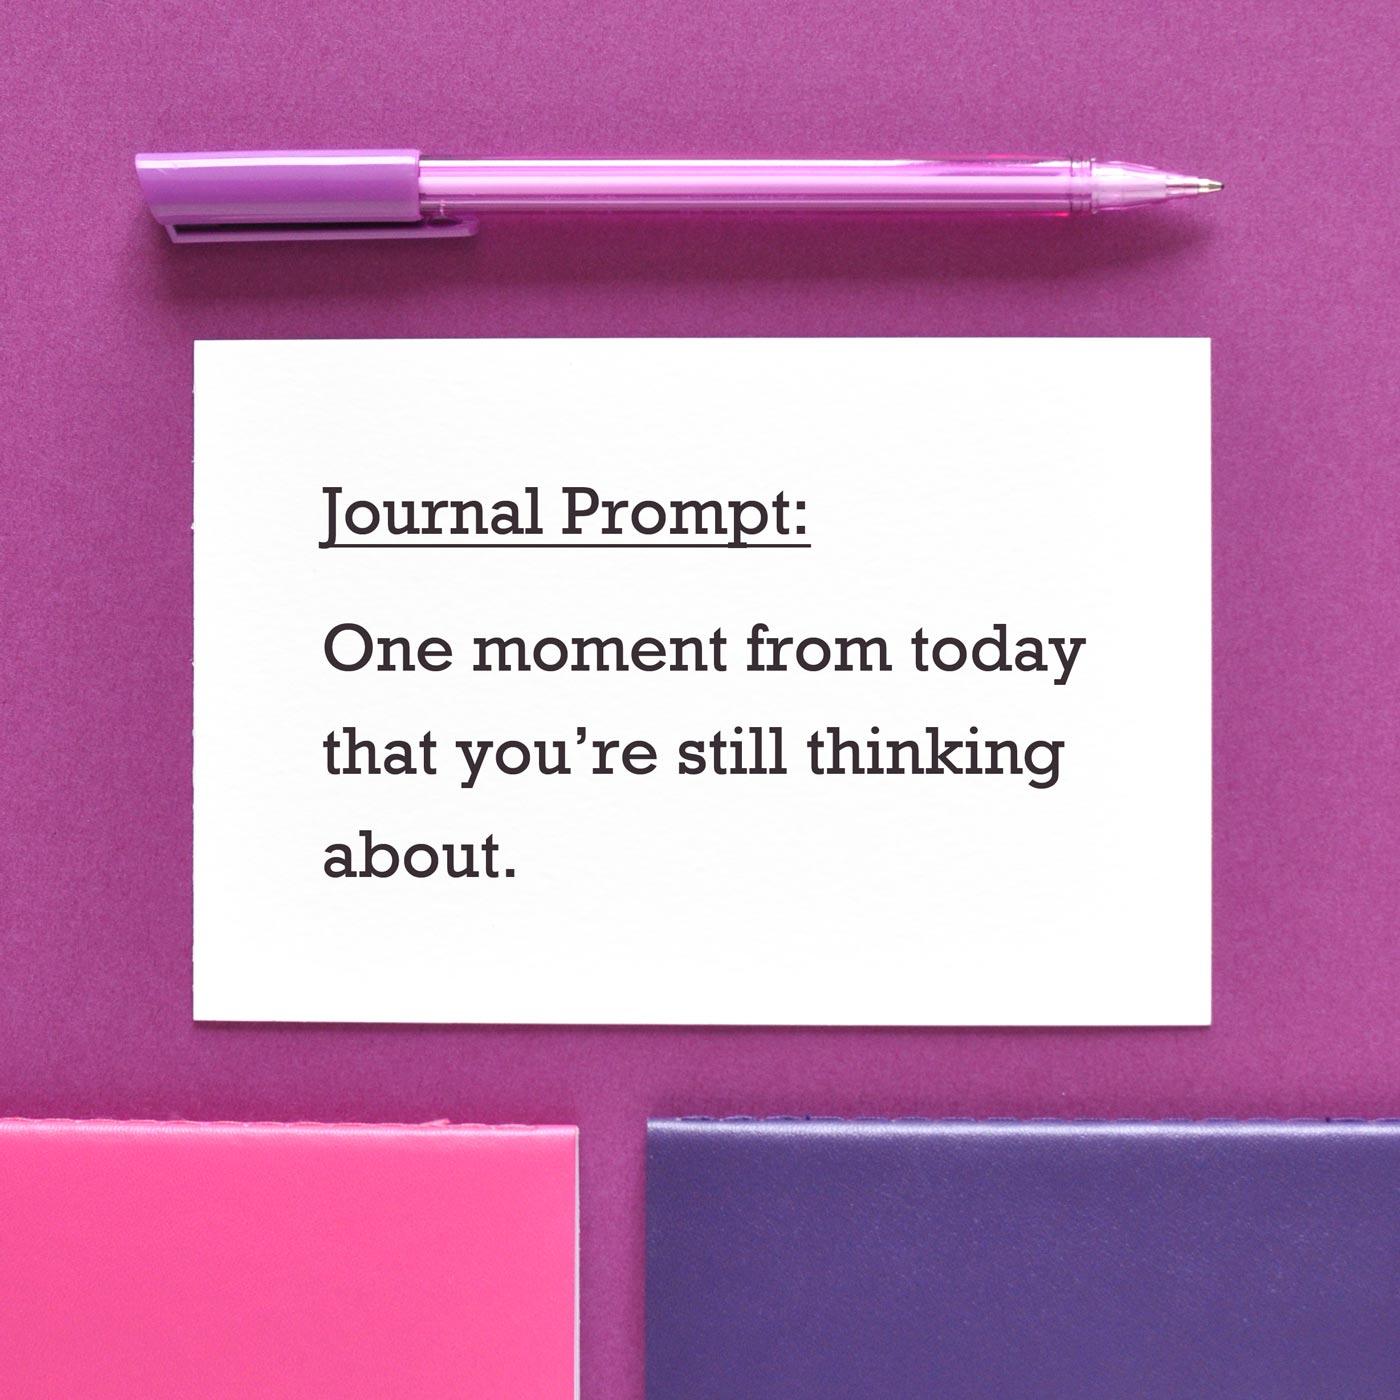 21-02-2018---Journal-prompt-by-Christie-Zimmer.jpg